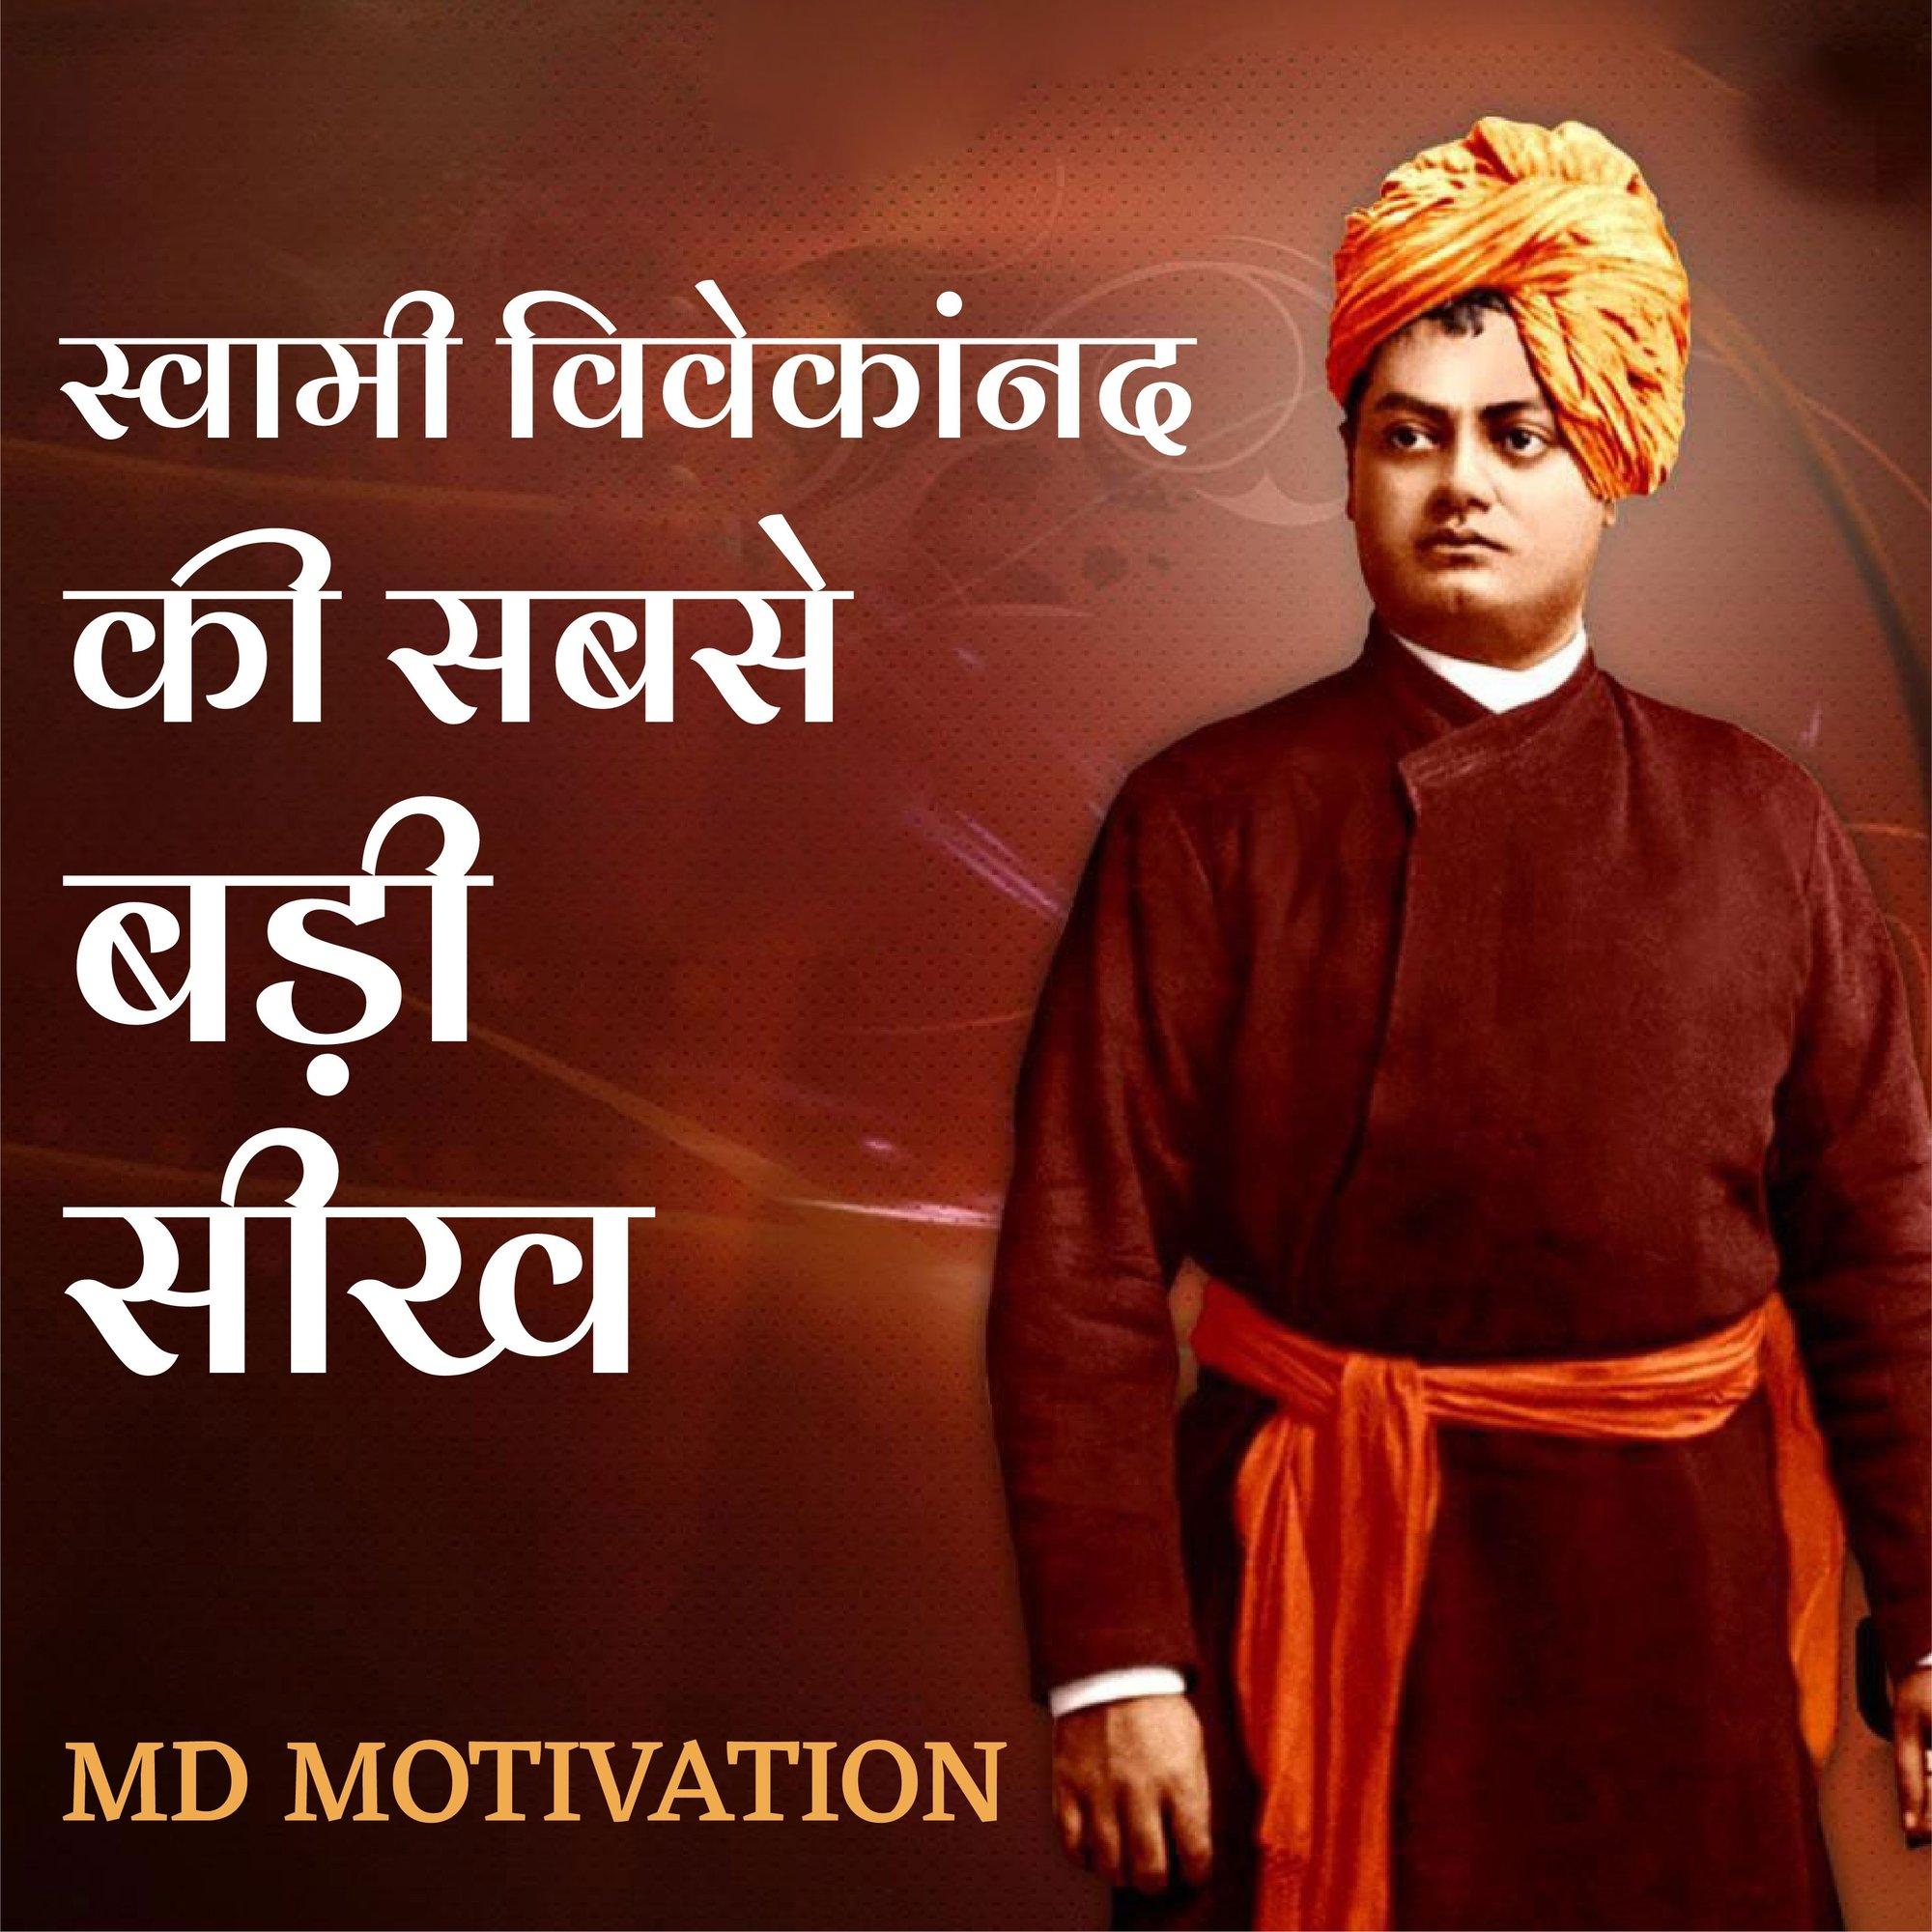 Swami Vivekanand ki Sabse Badi Seekh |